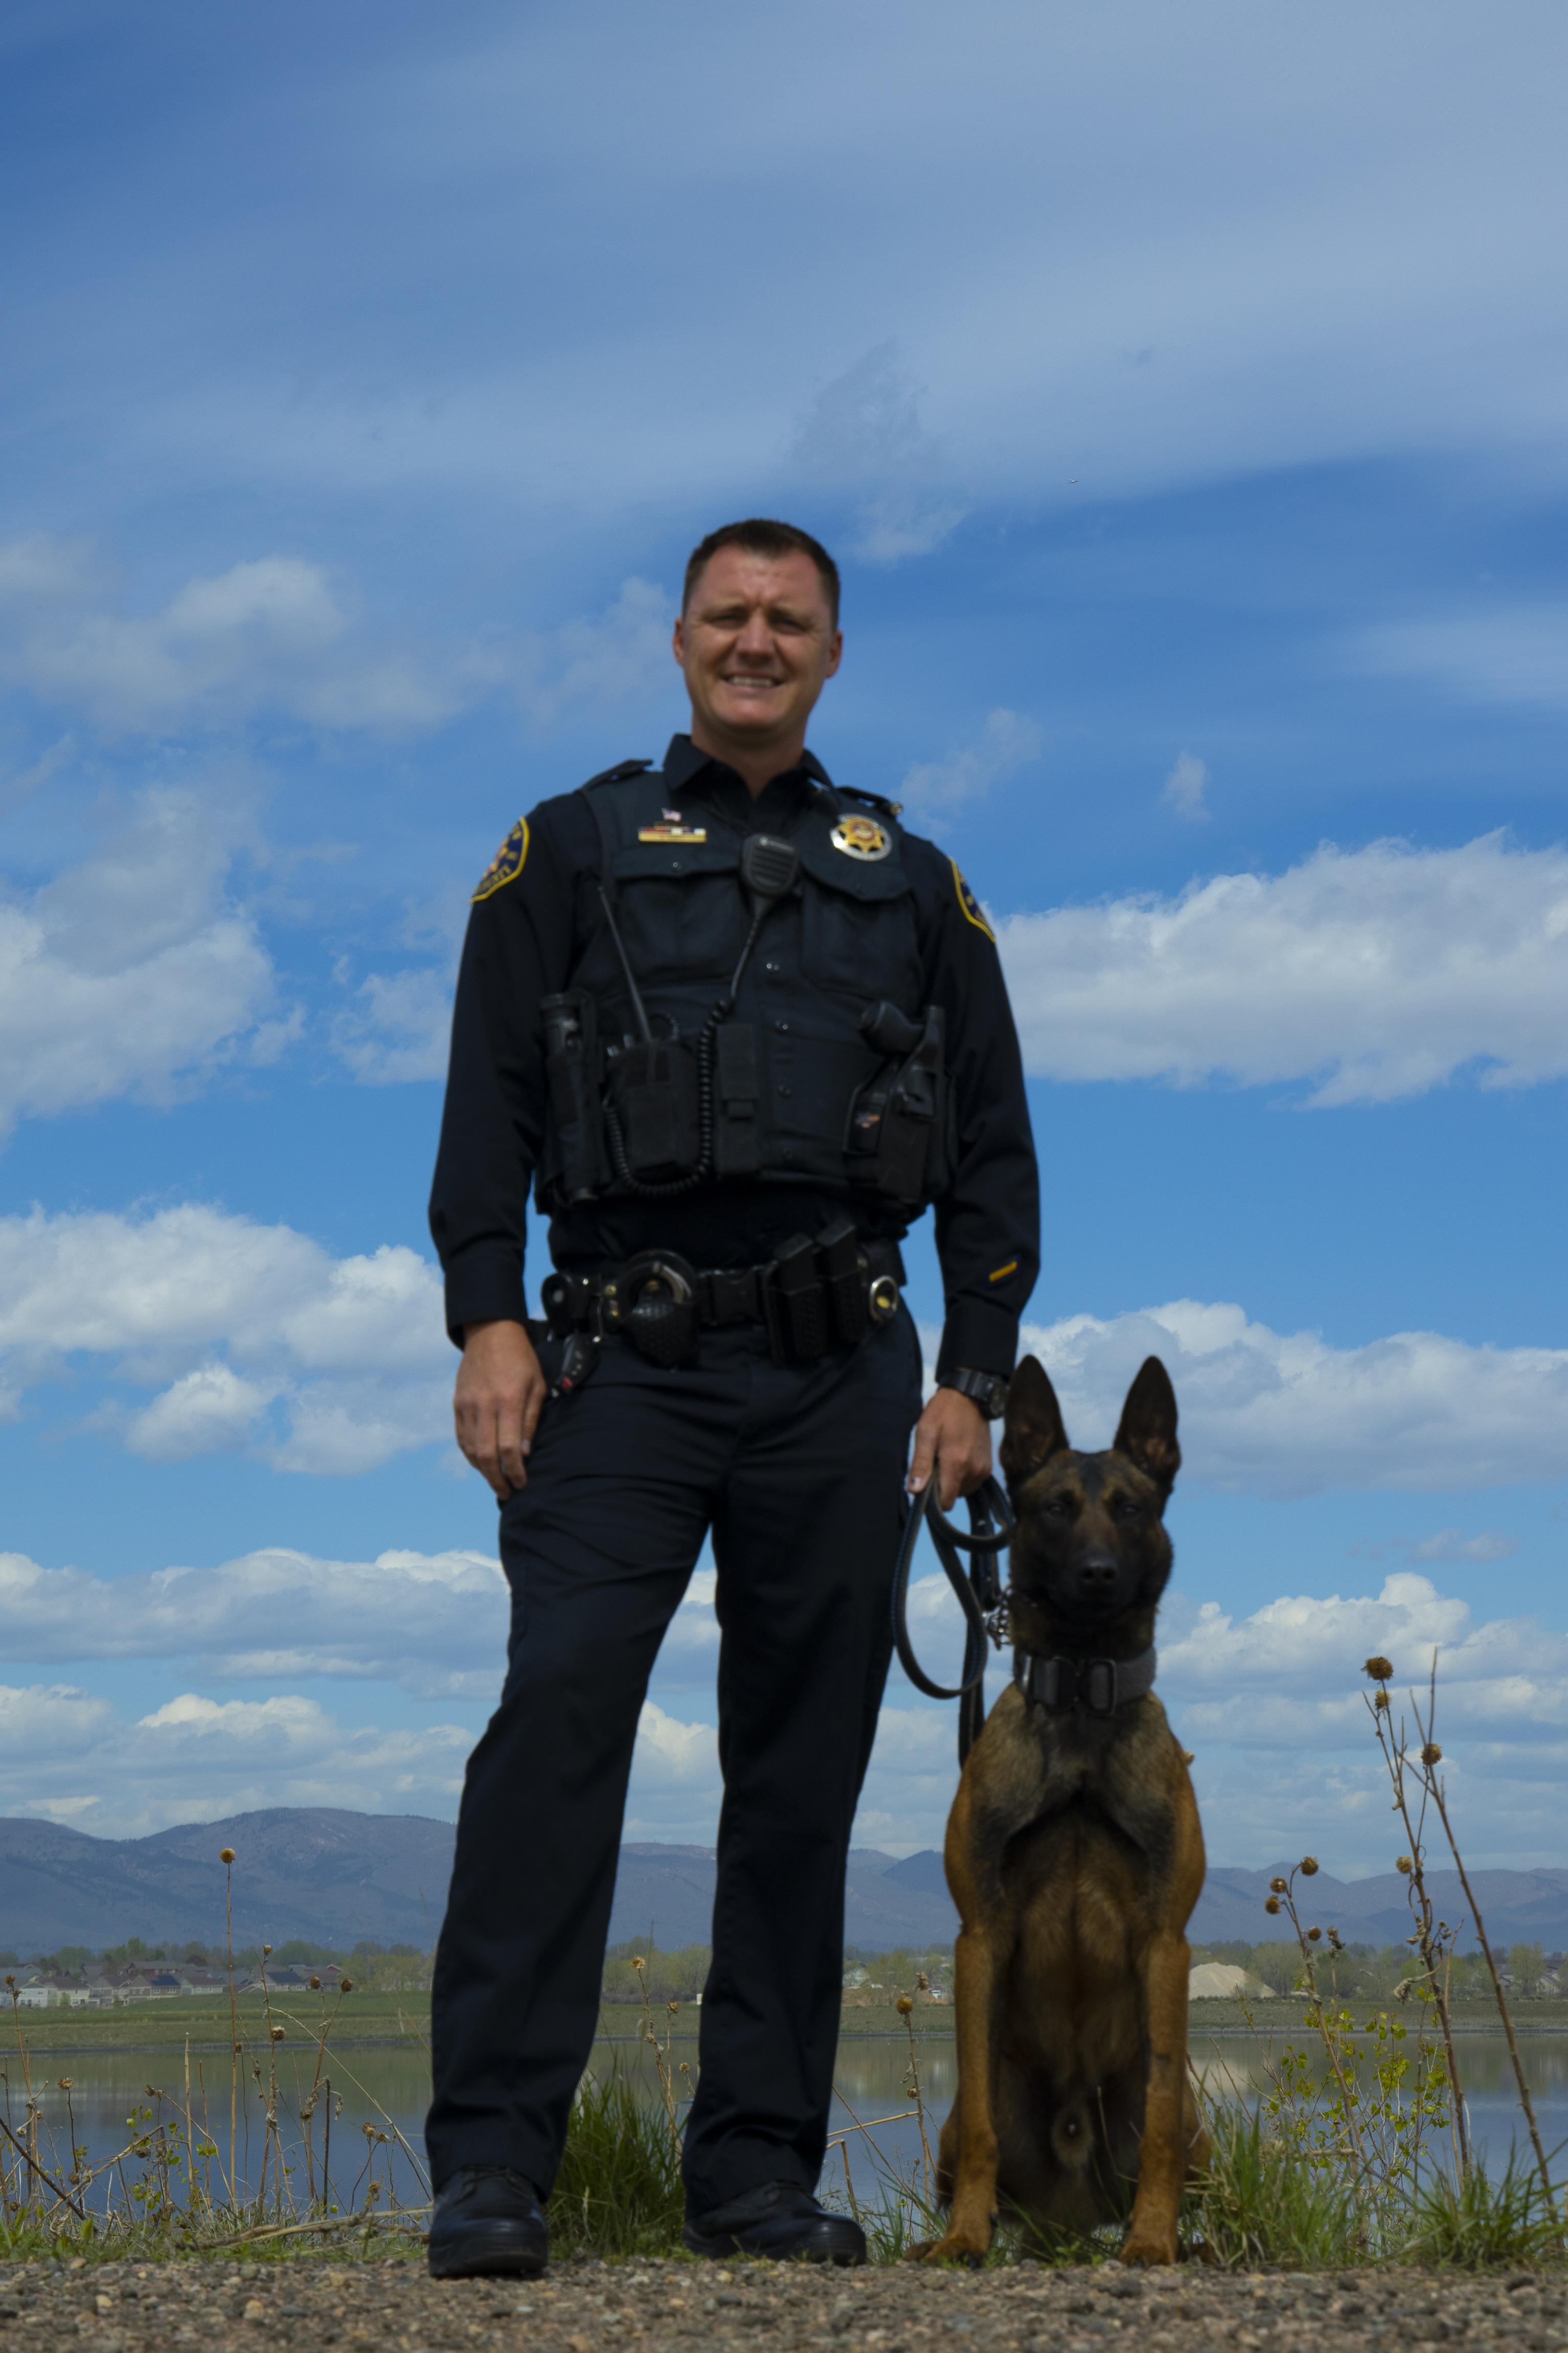 Image 8: Deputy Aaron Hawks and K9 Hyde (Belgian Malinois)